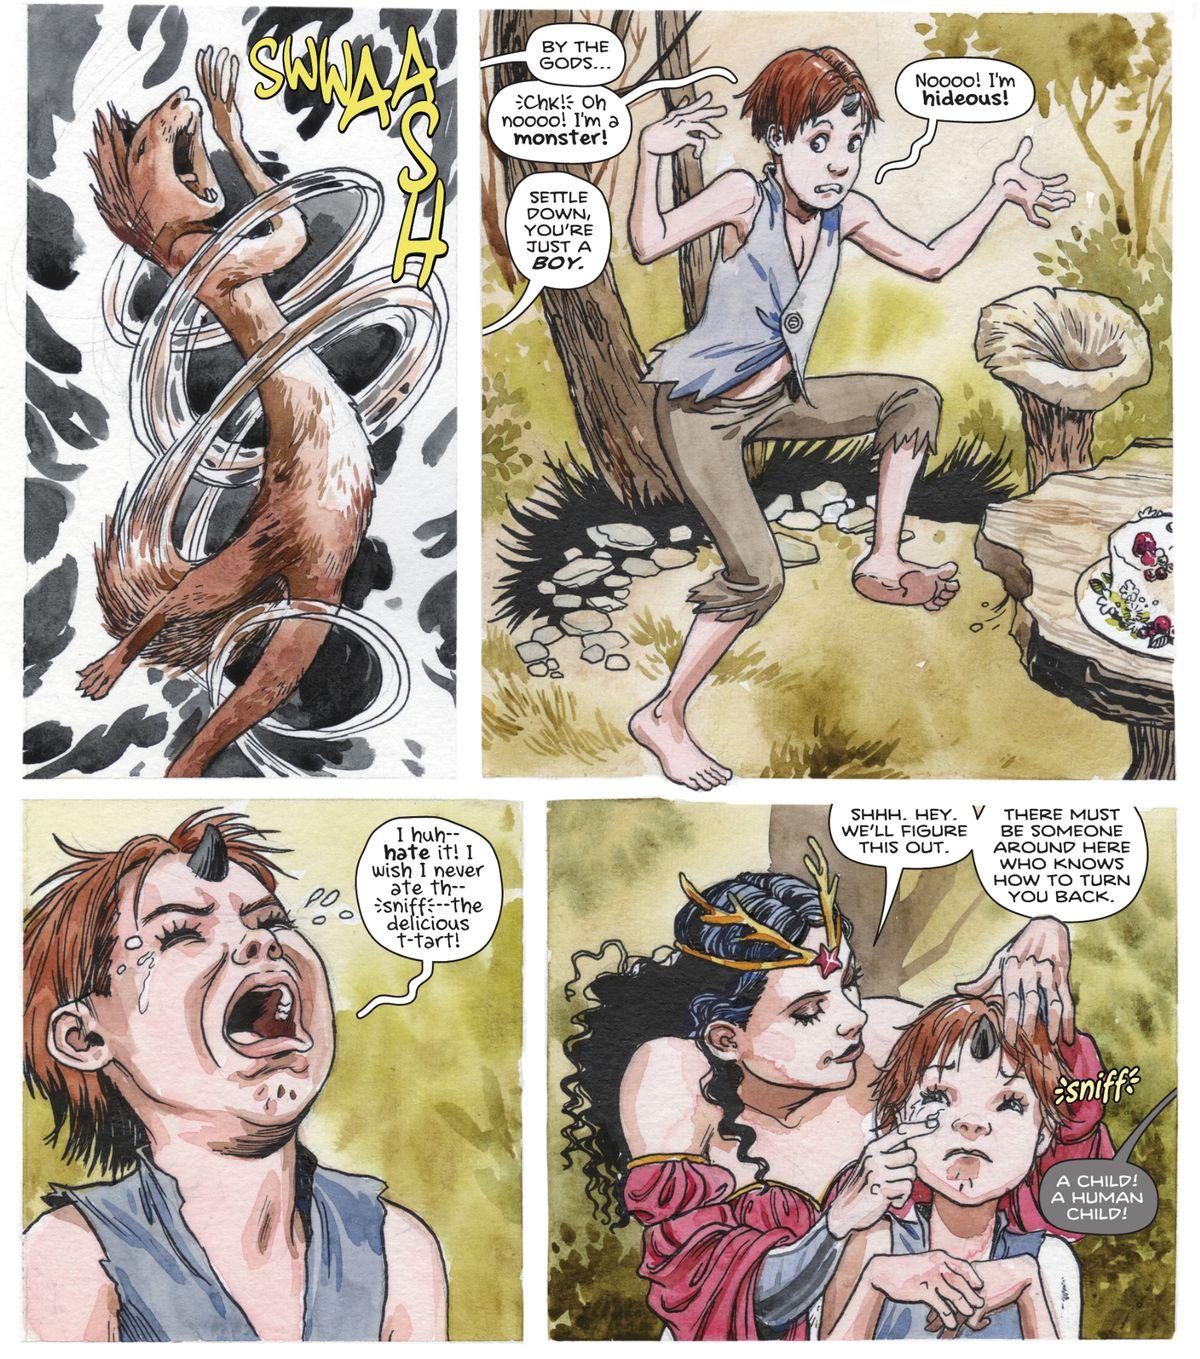 """El dios ardilla Ratatoskr aúlla de ira después de ser transformado en un joven humano.  """"Ponte cómoda"""", le dijo Wonder Woman, """"eres solo un niño.  """"¡Nooooon!  Él gimió,"""